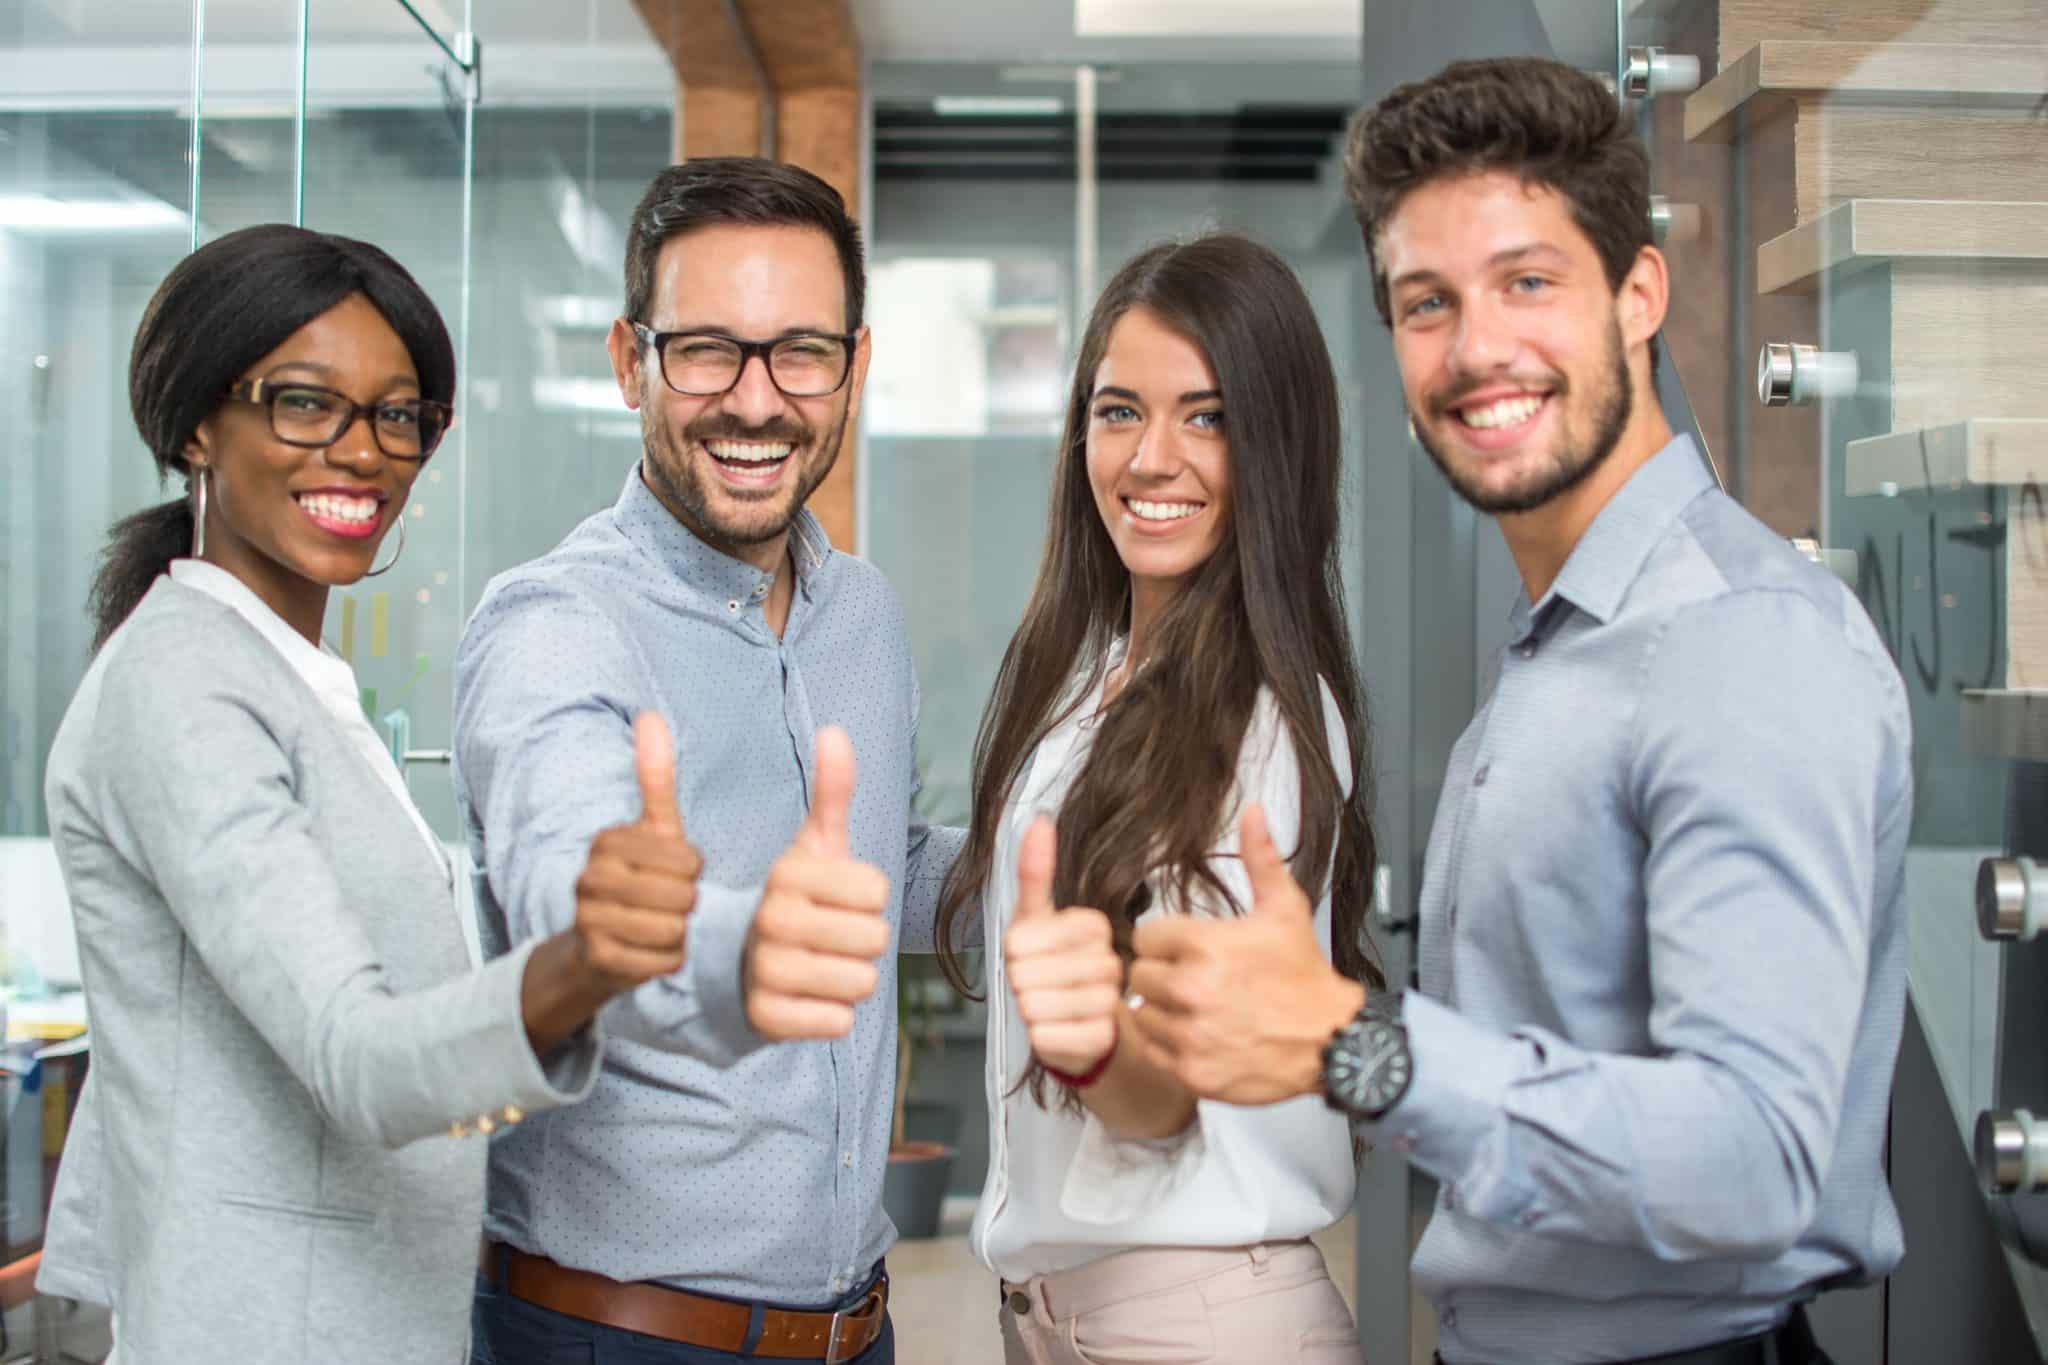 Kurs Projektleiter - Teams erfolgreich führen